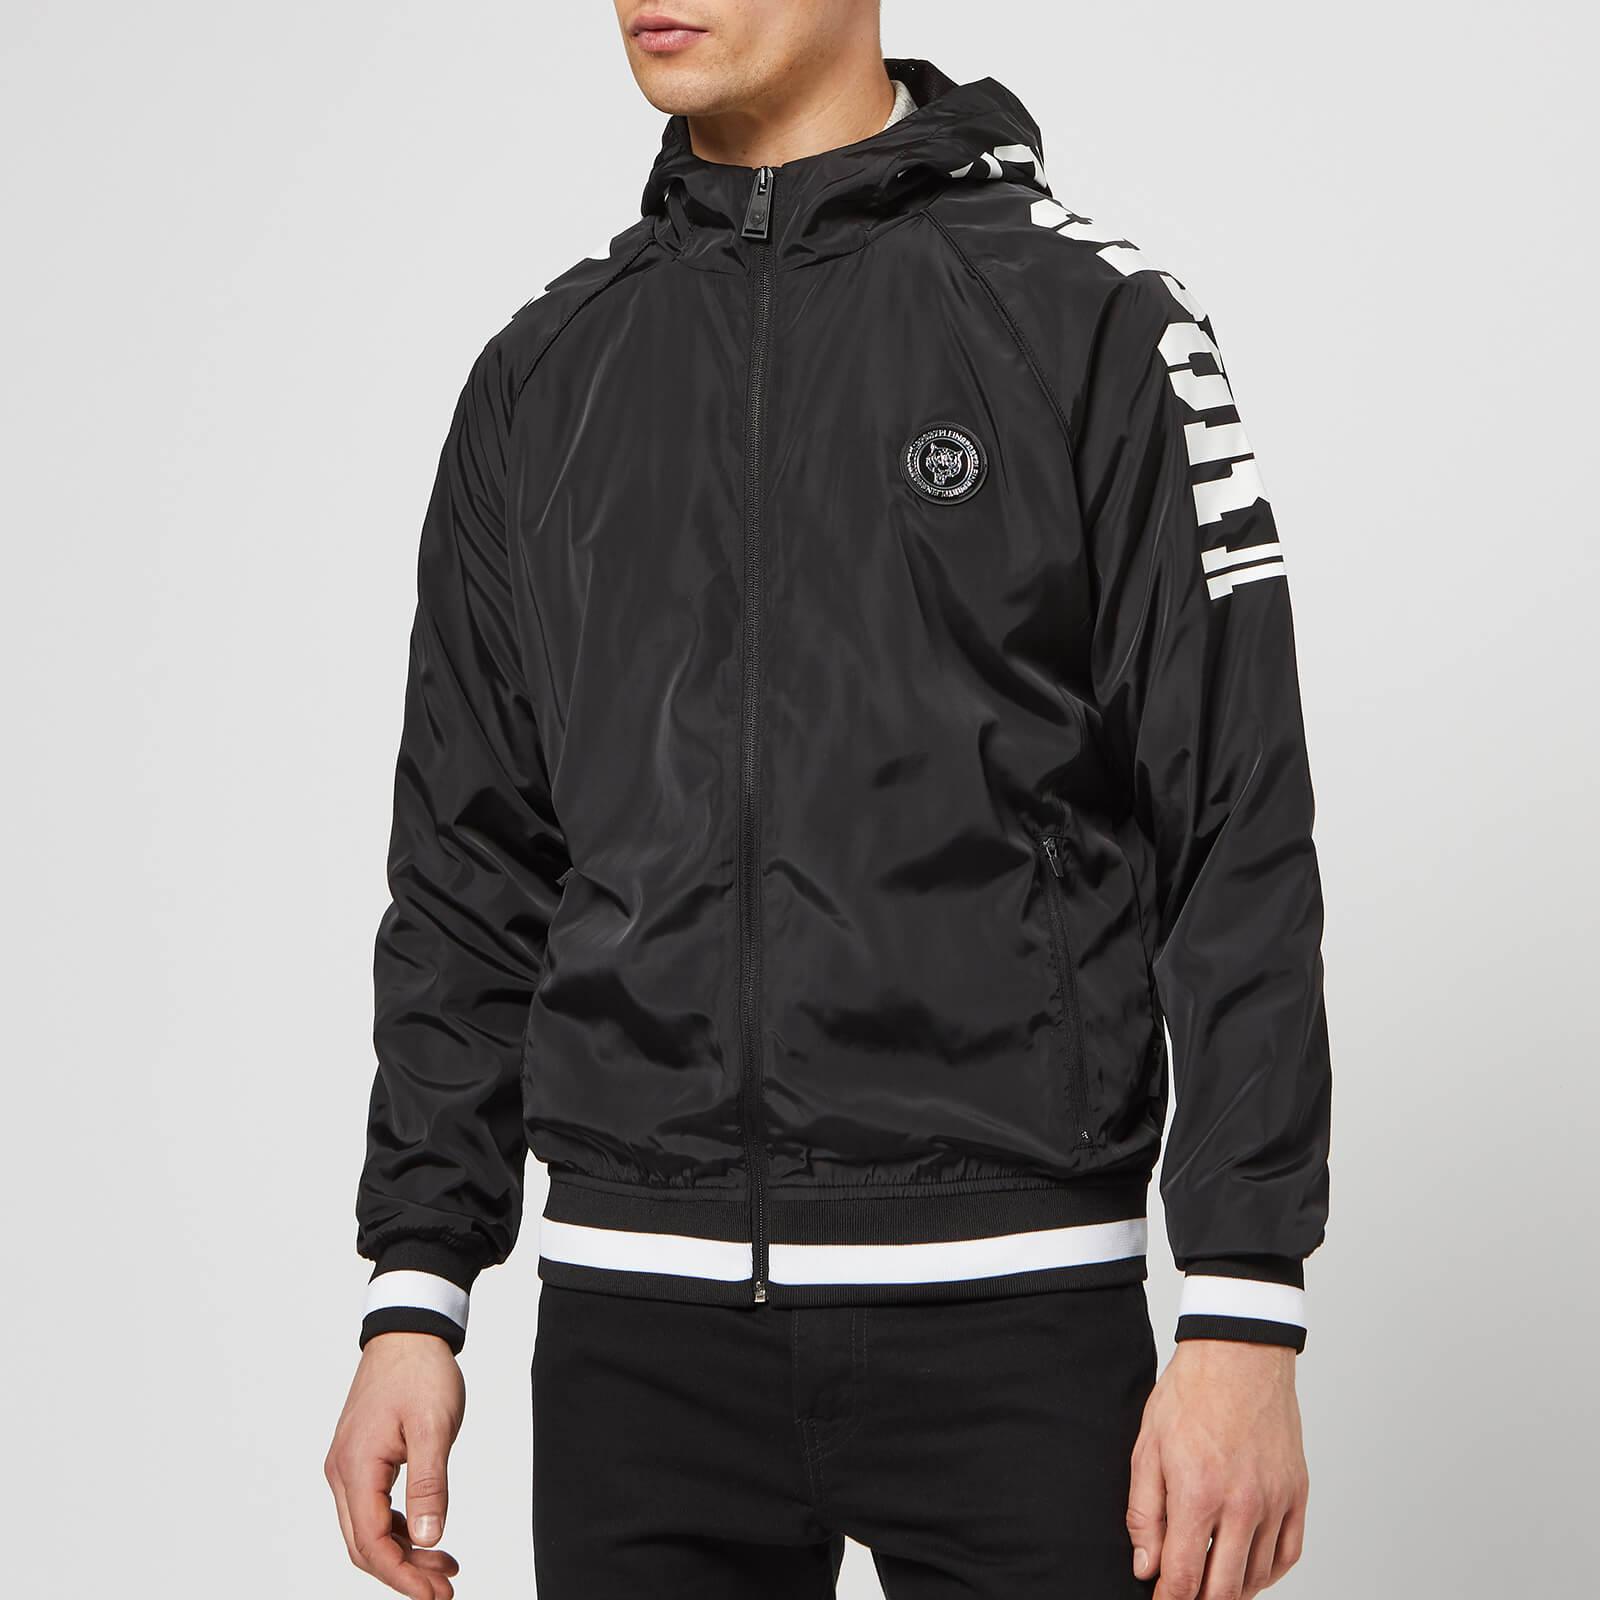 Plein Sport Men's Nylon Jacket Statement - Black/White - L - Black/White